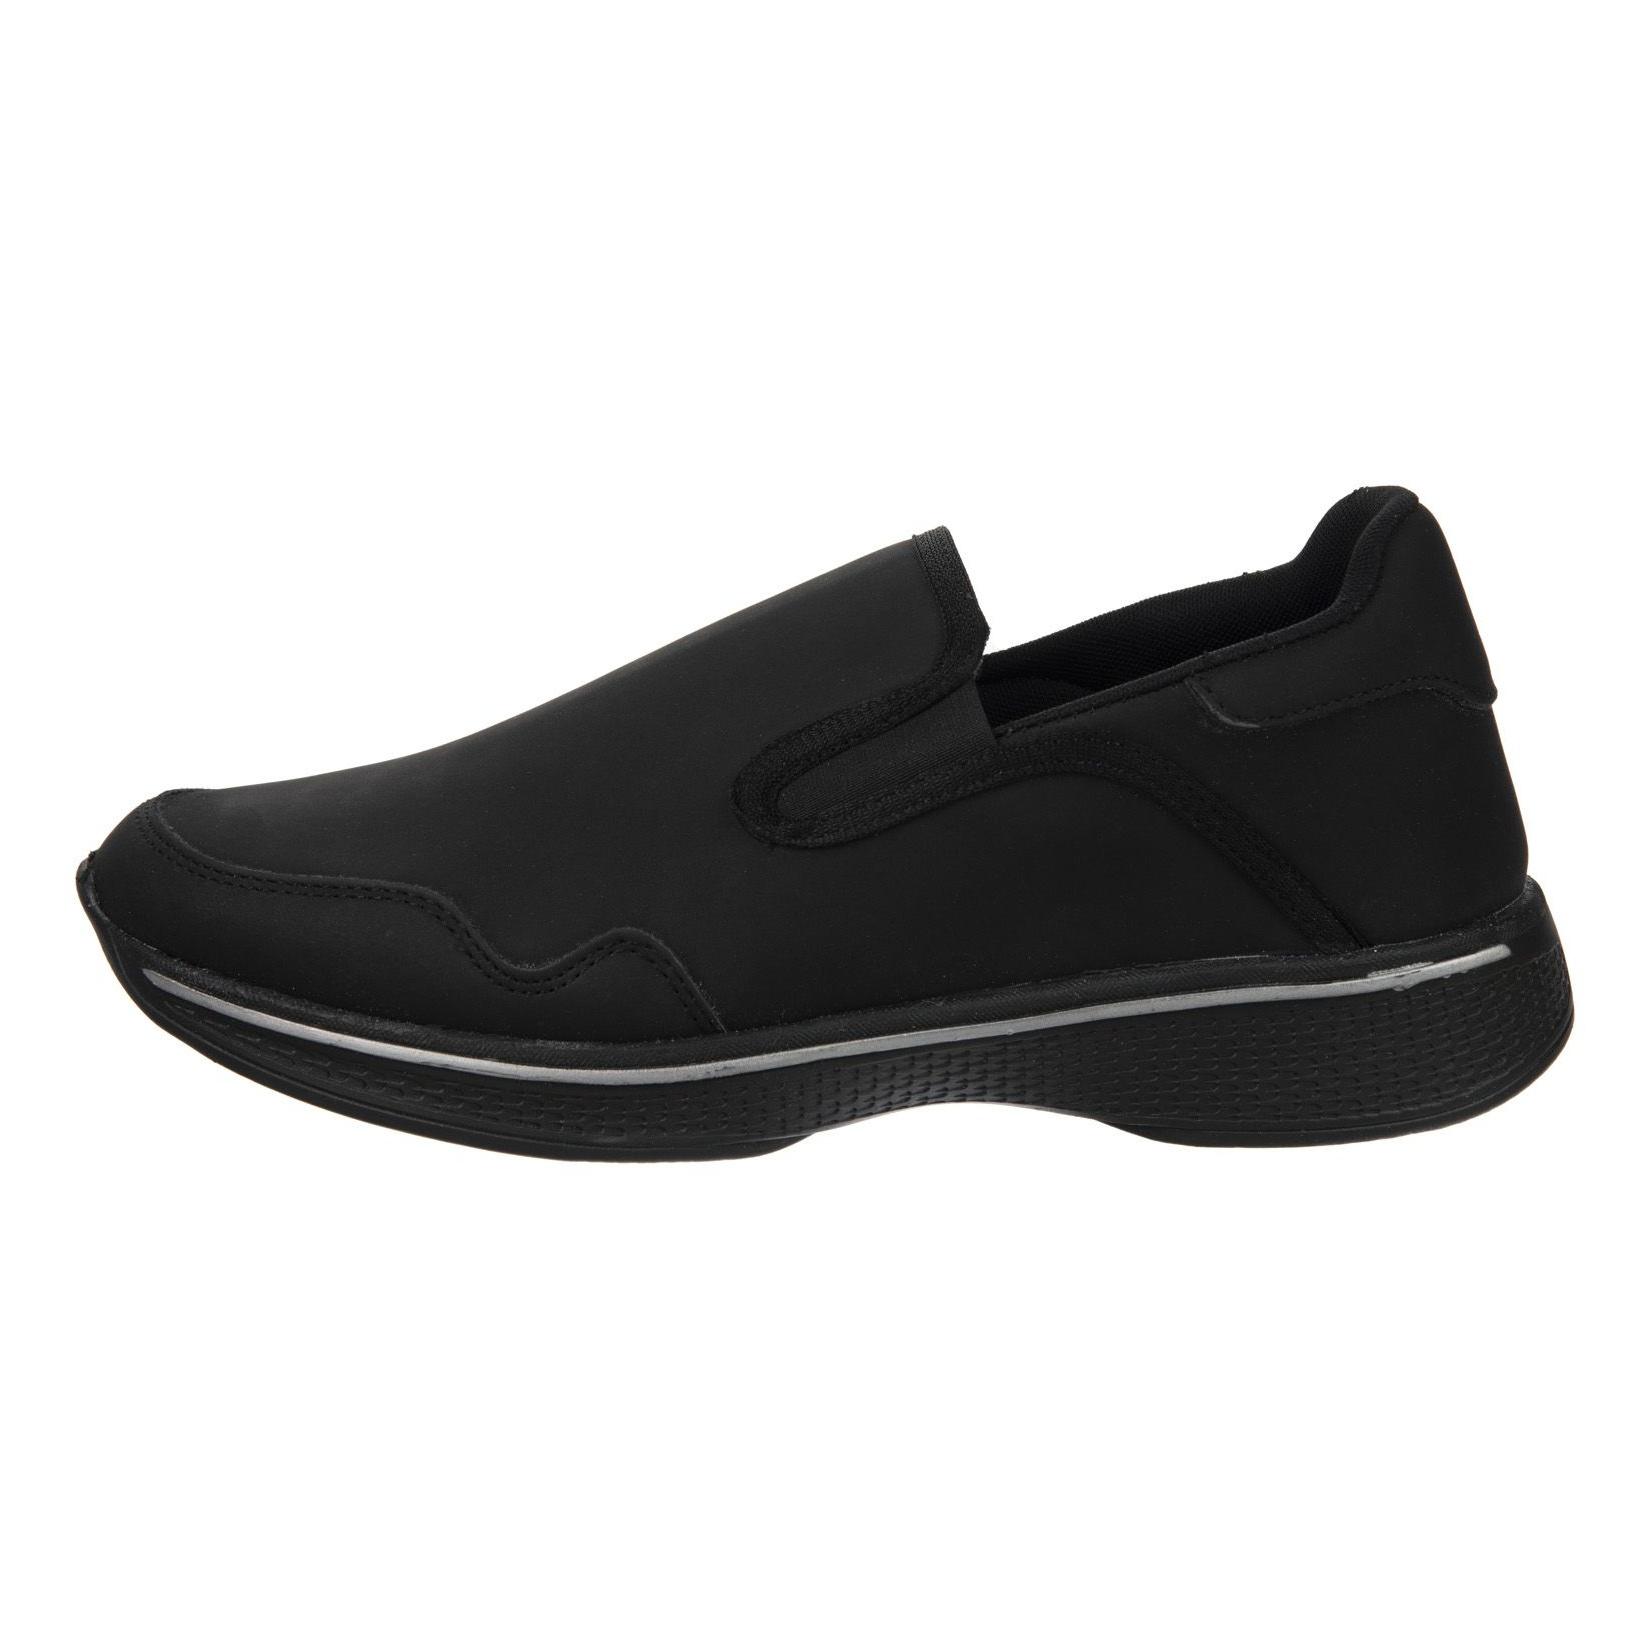 کفش زنانه مل اند موژ مدل W4301-1 main 1 1